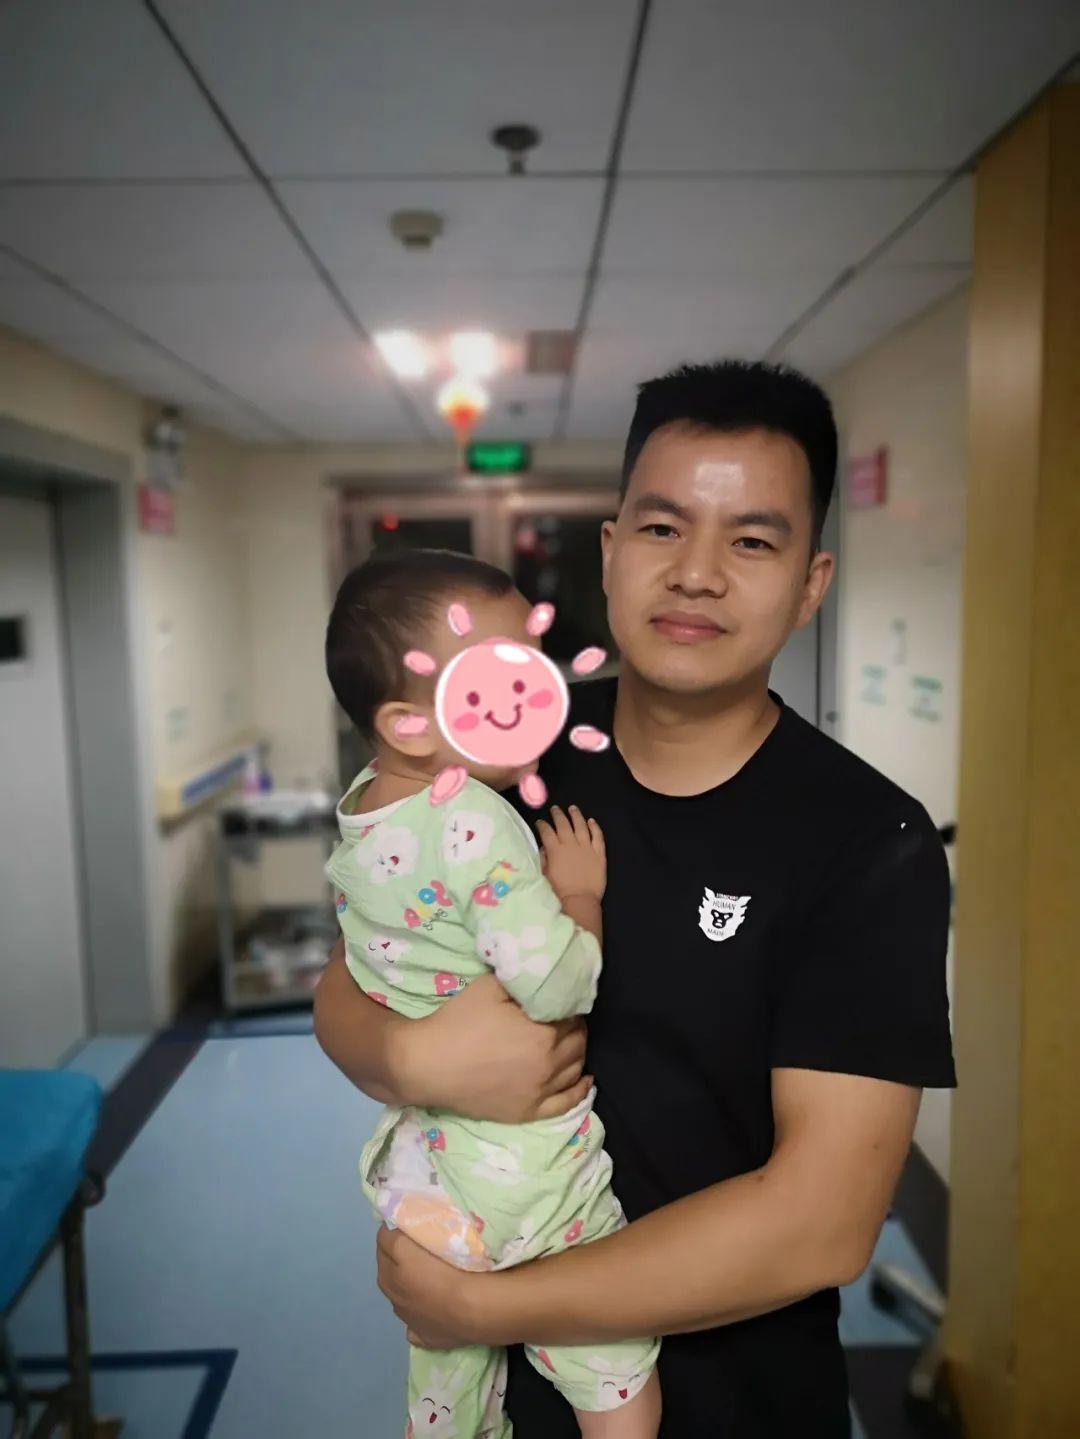 民警刘志雄悉心照料嫌疑人的孩子。通讯员 供图